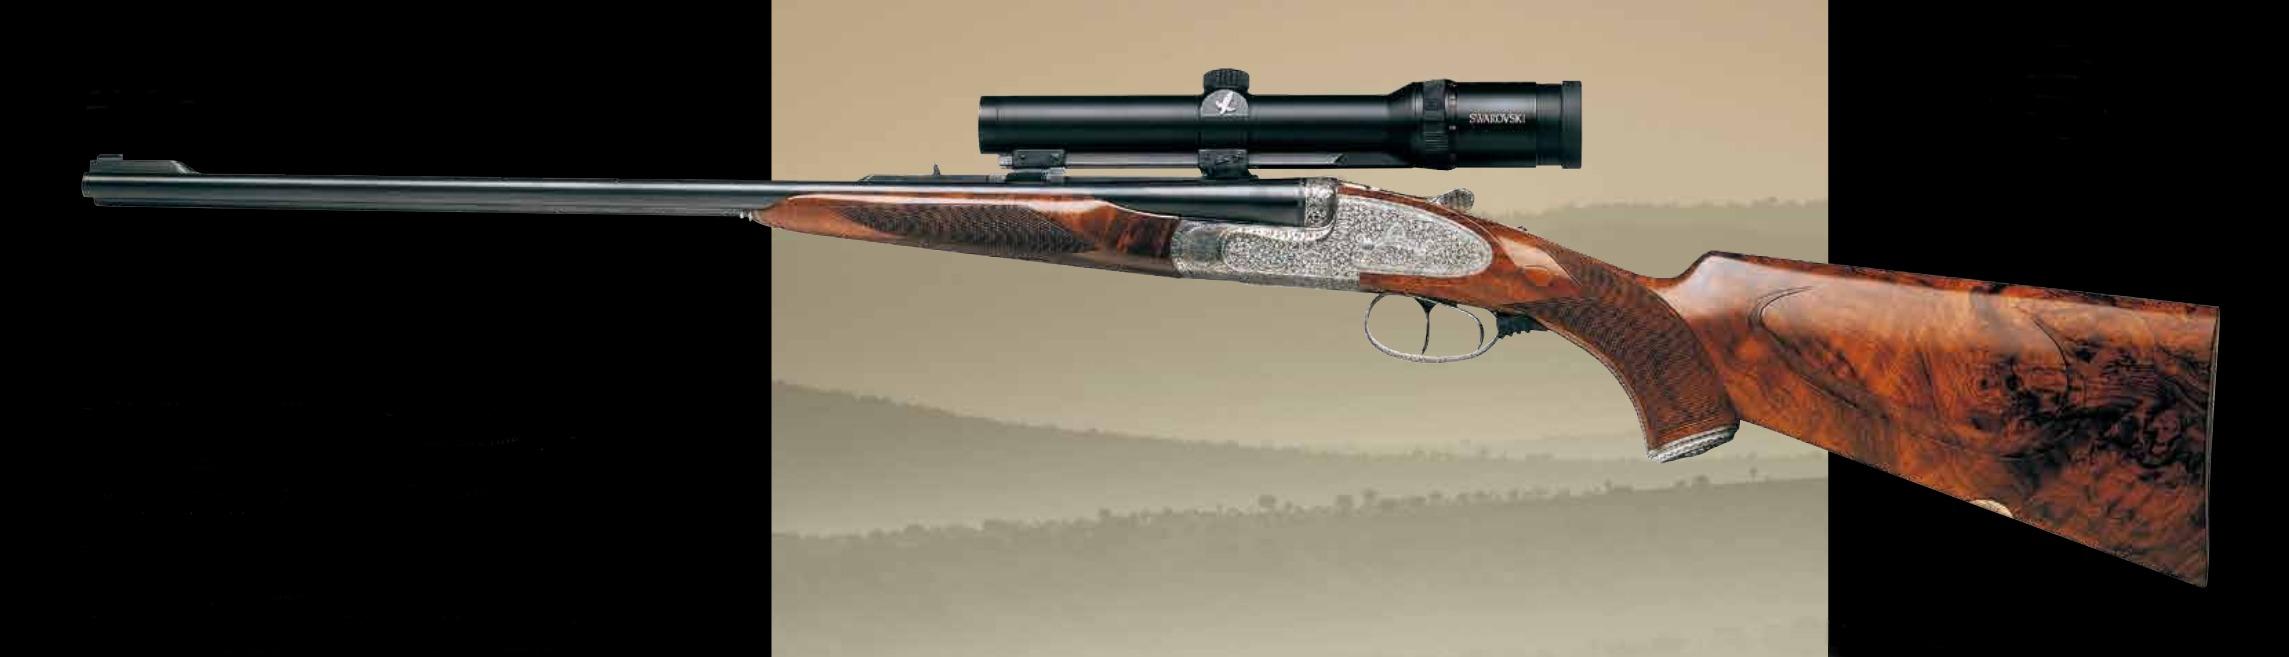 Grulla Armas E95 double rifle